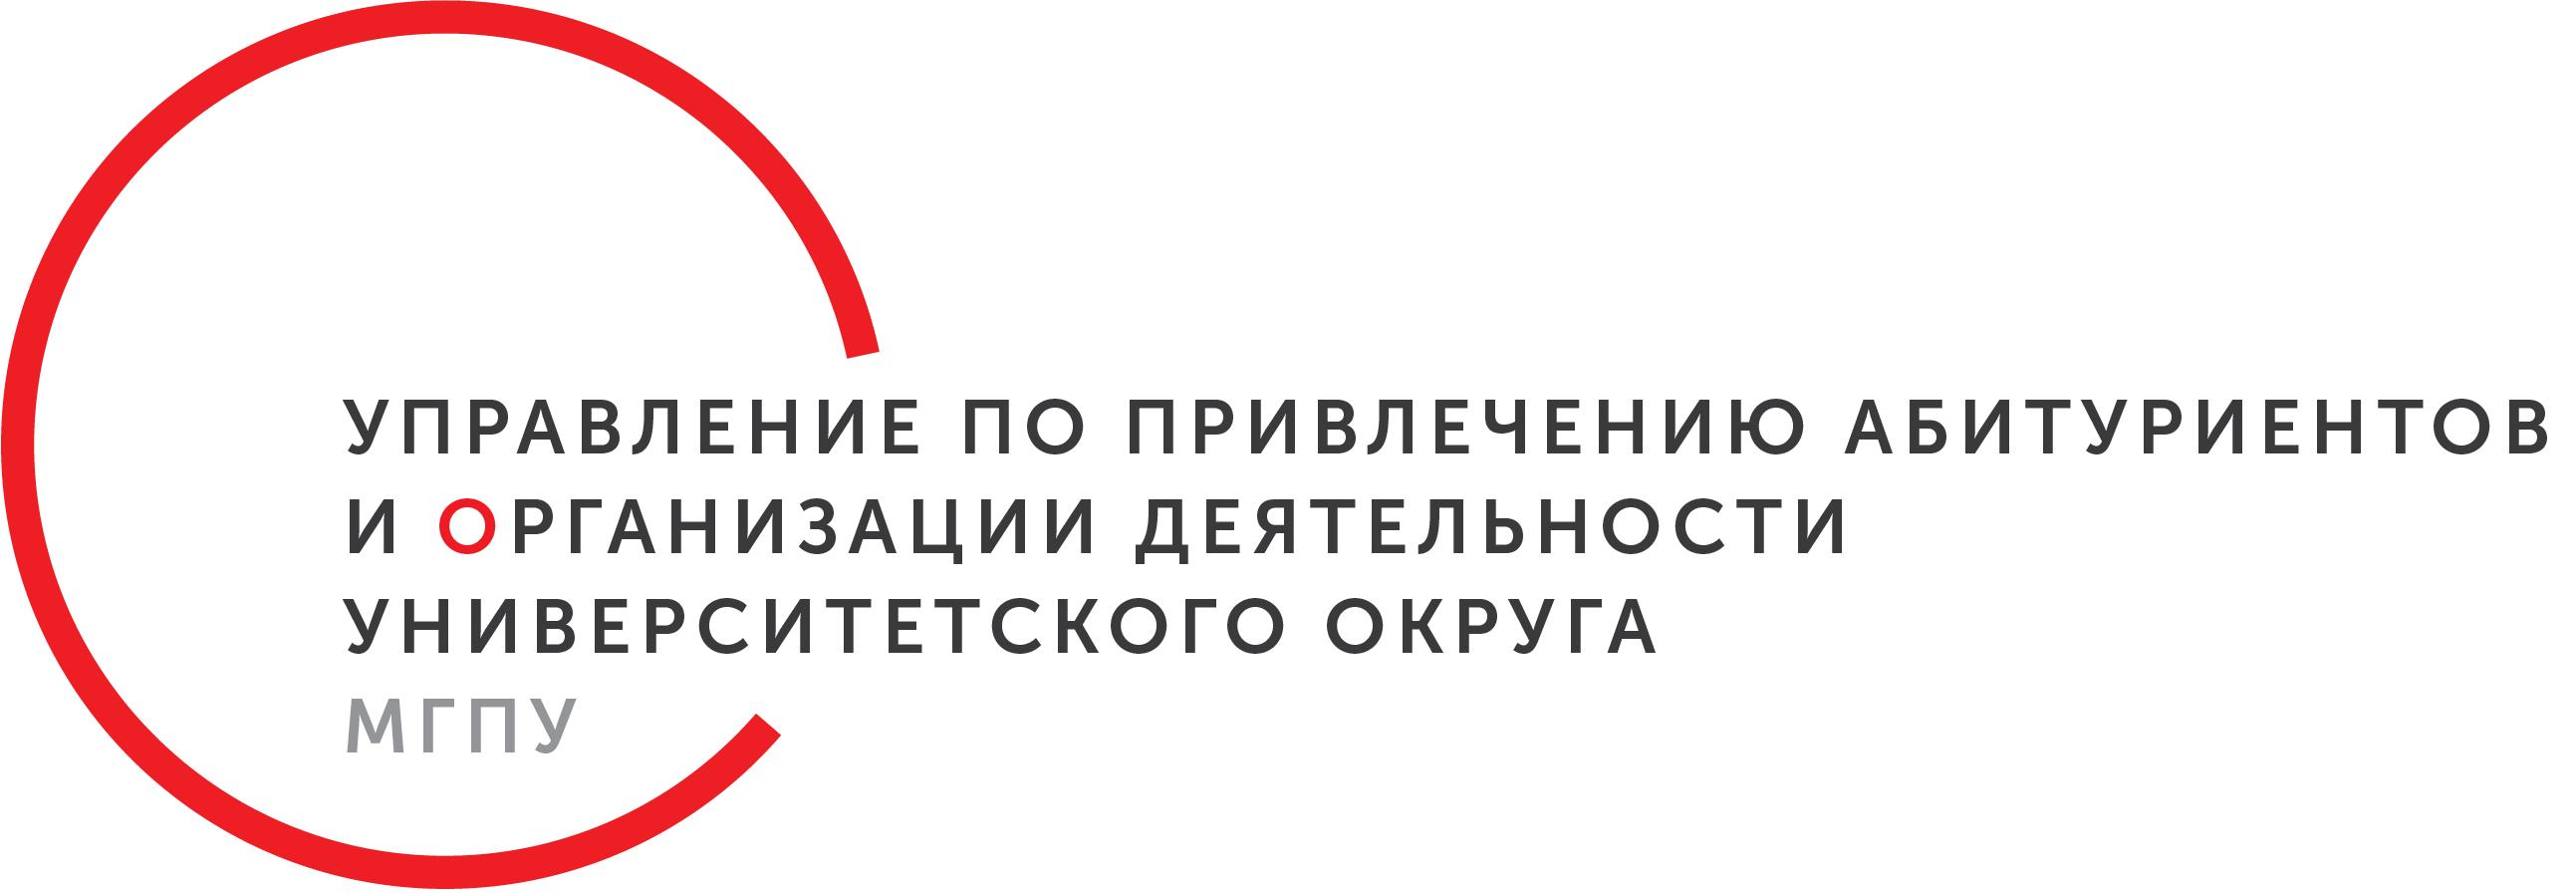 Управление попривлечению абитуриентов иорганизации деятельности Университетского округа